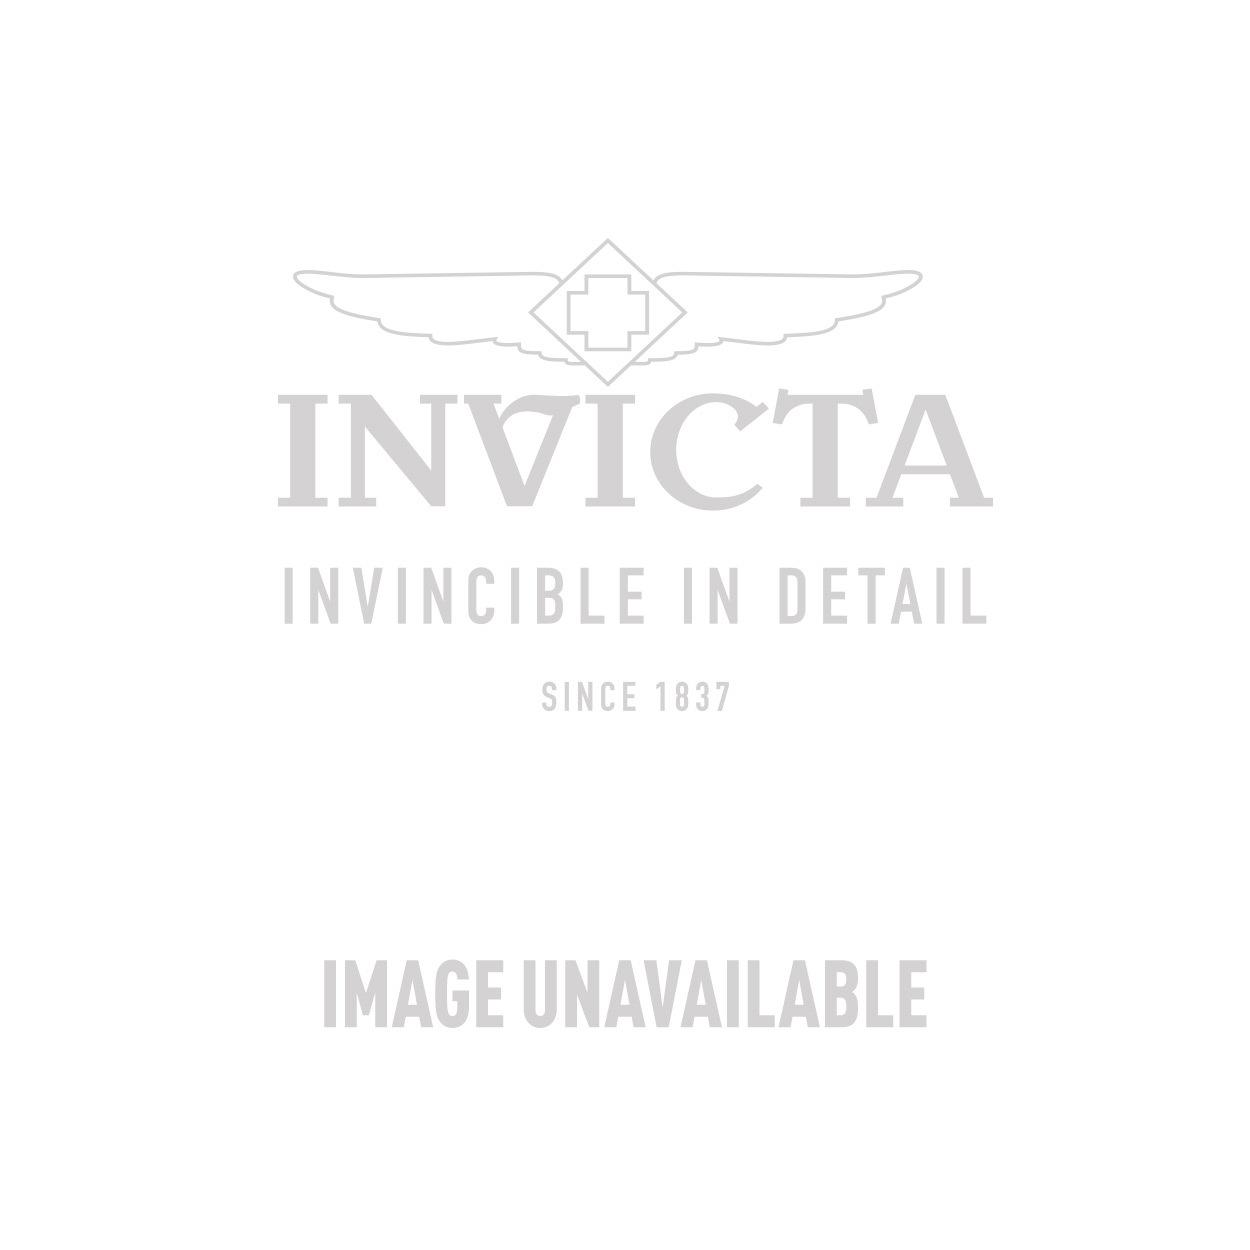 Invicta Model 24826